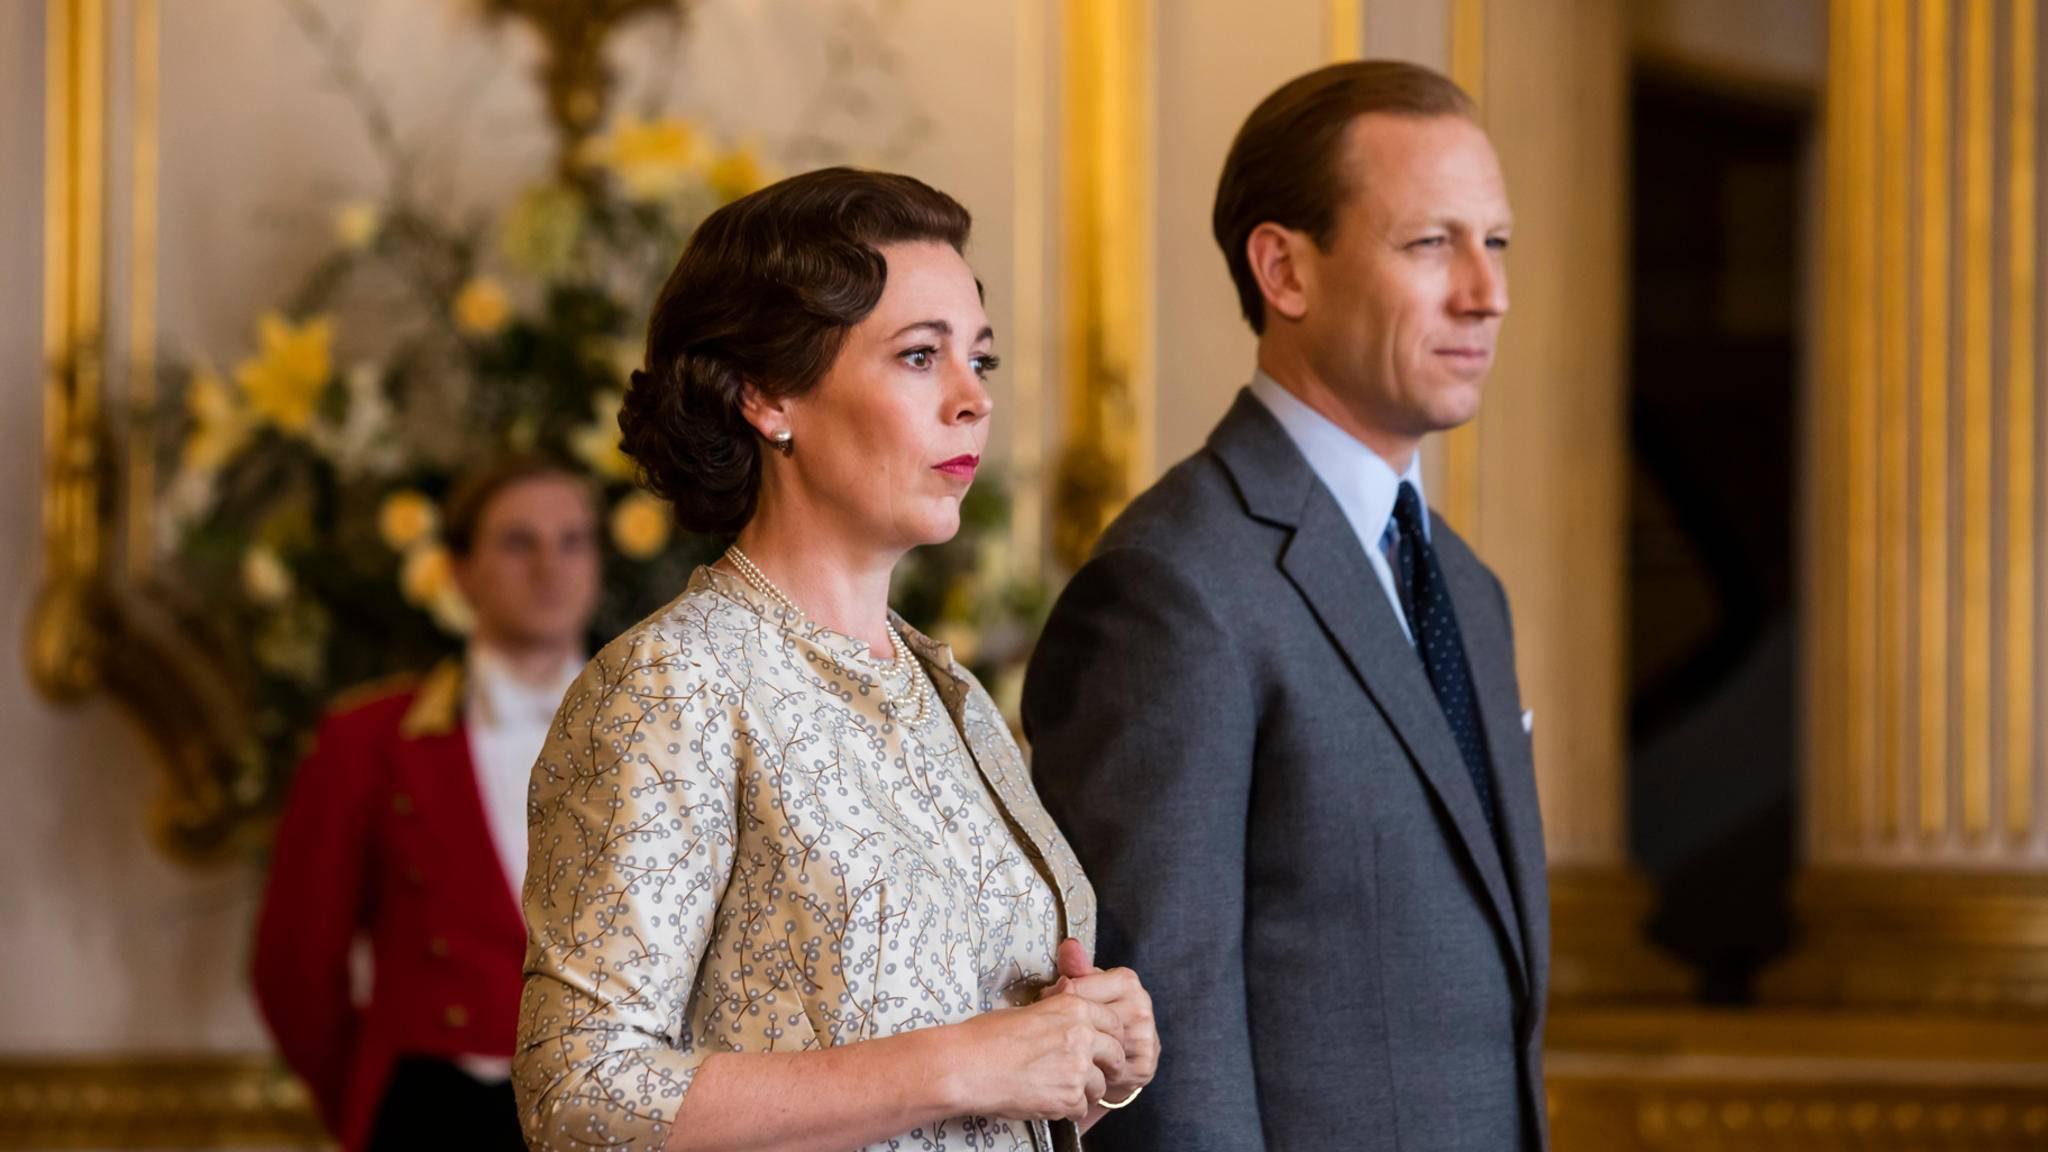 In Staffel 4 bekommen die Queen (Olivia Colman) und ihr Prinzgemahl (Tobias Menzies) Diana Spencer als Schwiegertochter.